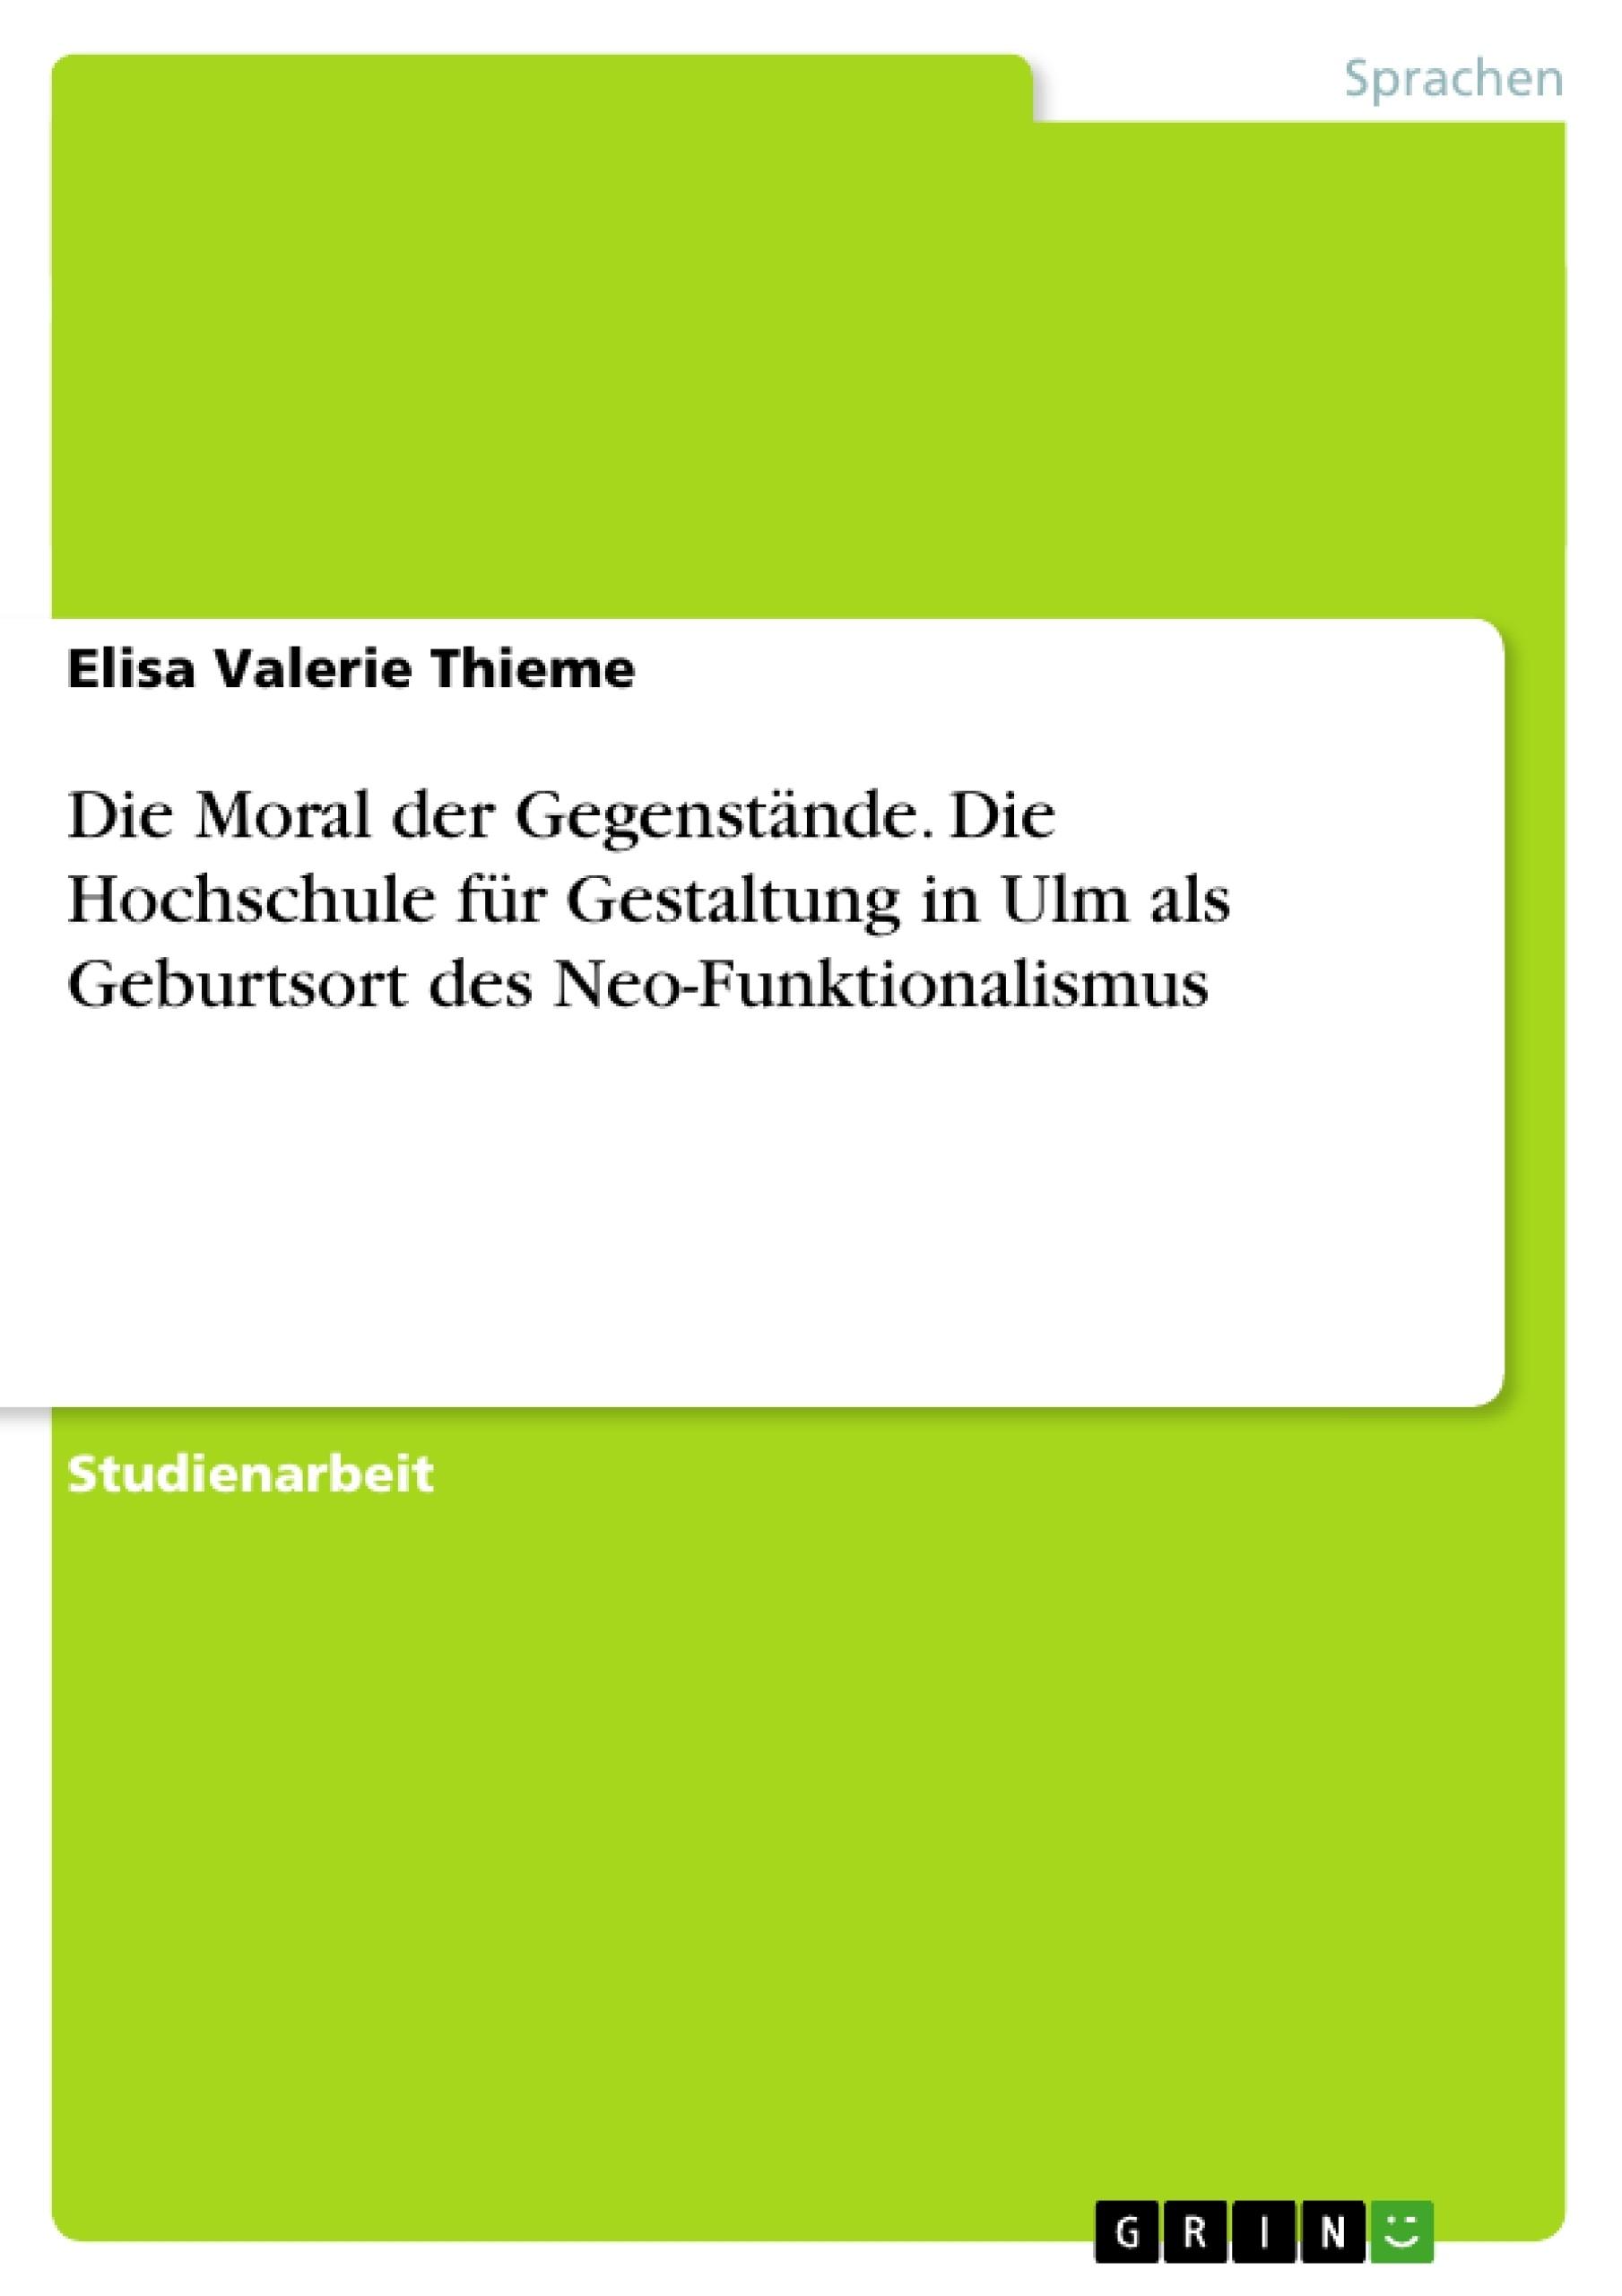 Titel: Die Moral der Gegenstände. Die Hochschule für Gestaltung in Ulm als Geburtsort des Neo-Funktionalismus